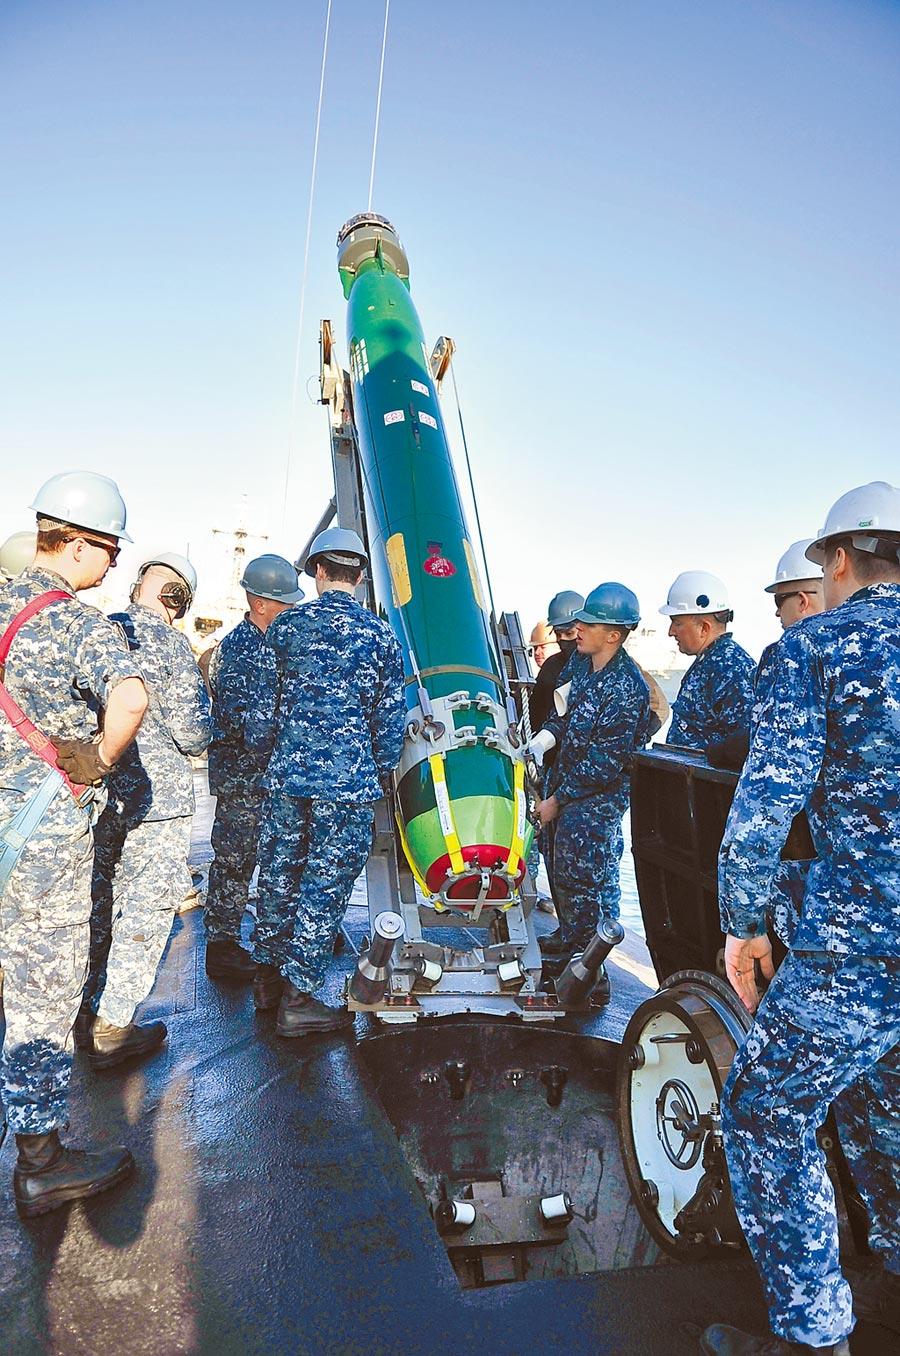 美國國務院批准對台出售18枚MK-48 Mod6 AT重型魚雷與相關設備。圖為美海軍將MK-48魚雷裝載USS加利福尼亞(SSN 781)潛水艇情形。(摘自美國海軍官網)